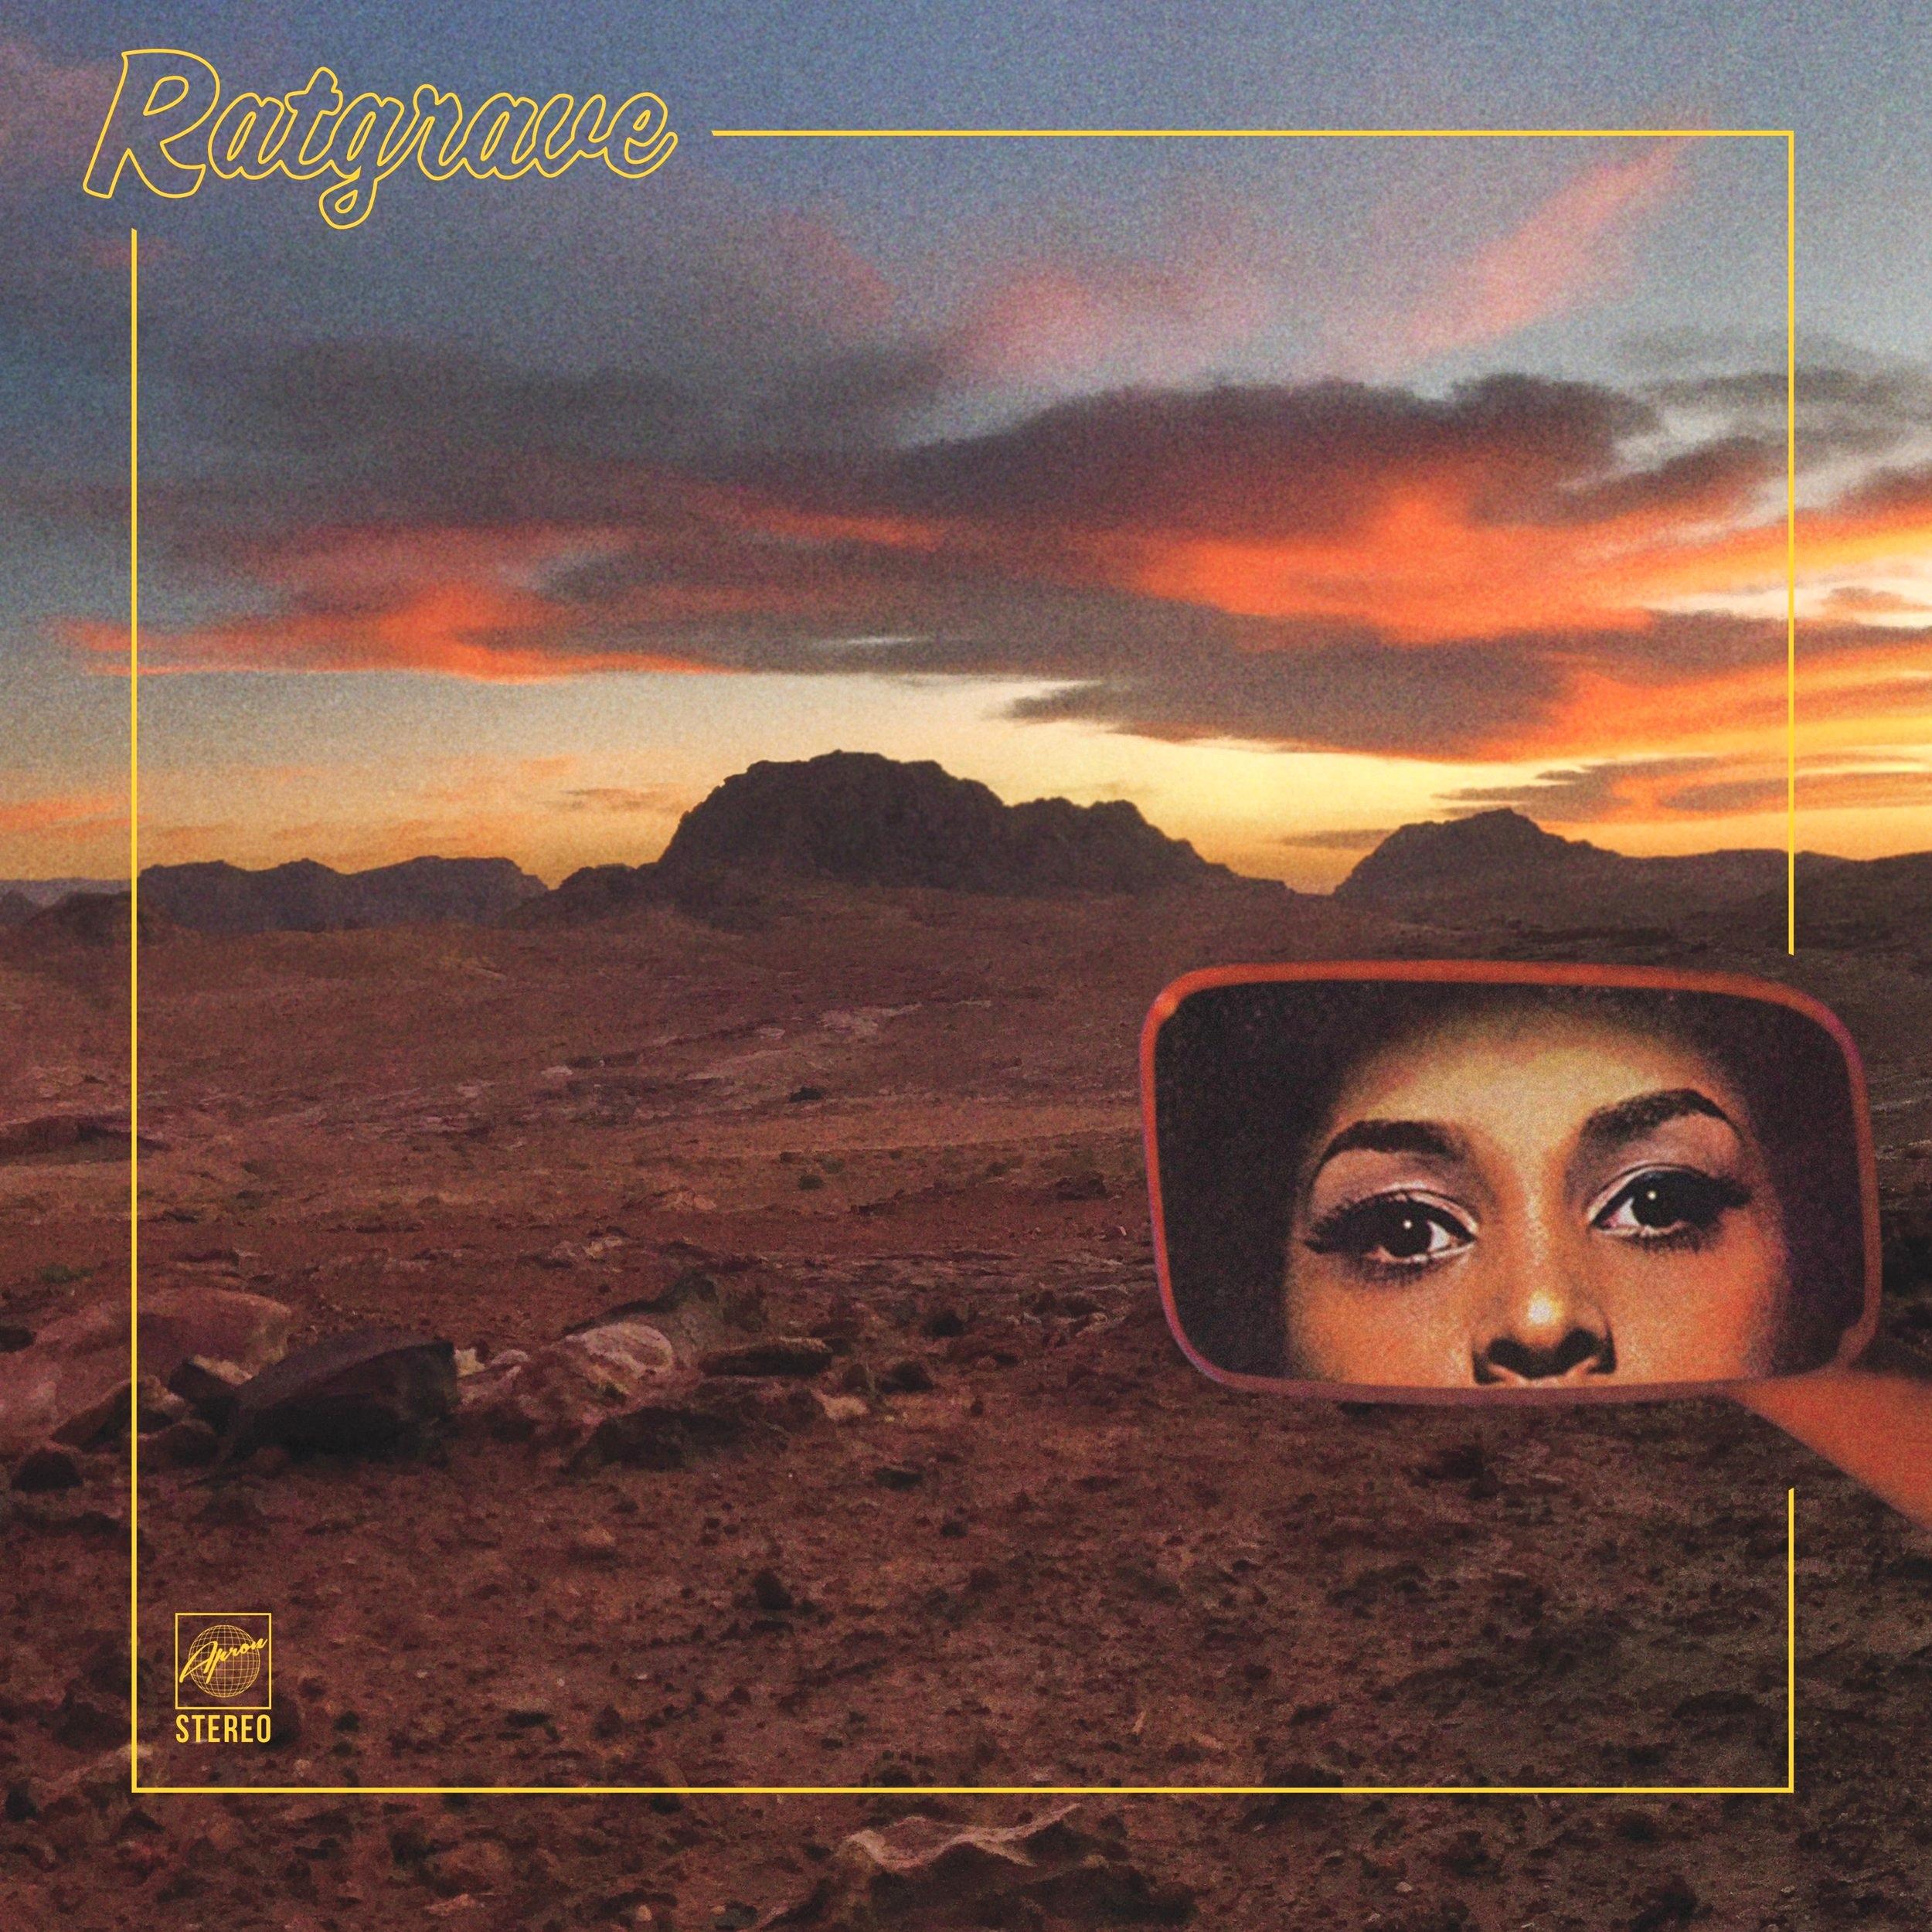 Ratgrave - Ratgrave